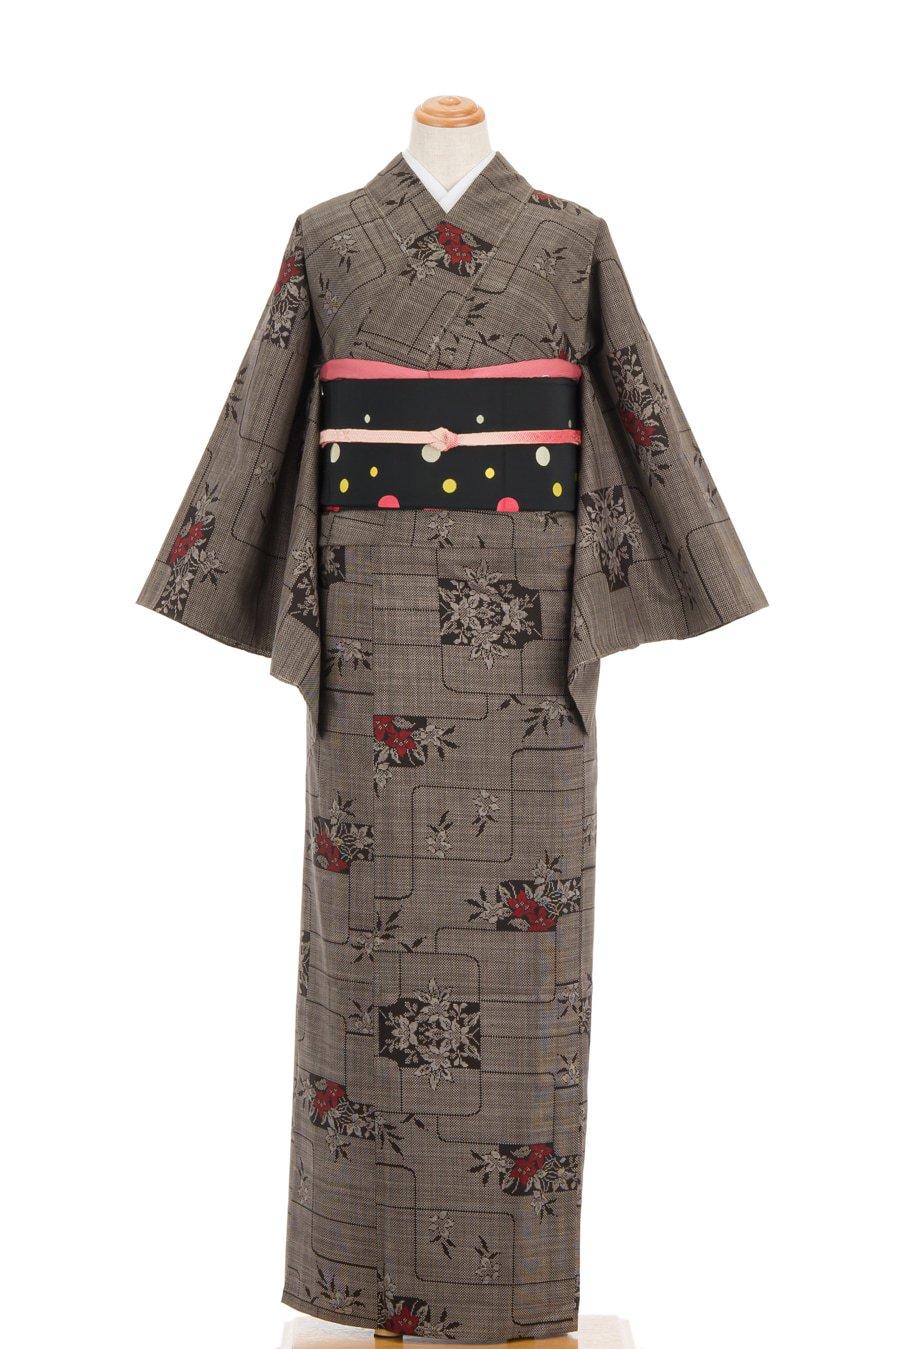 「単衣 大島紬 赤い百合」の商品画像